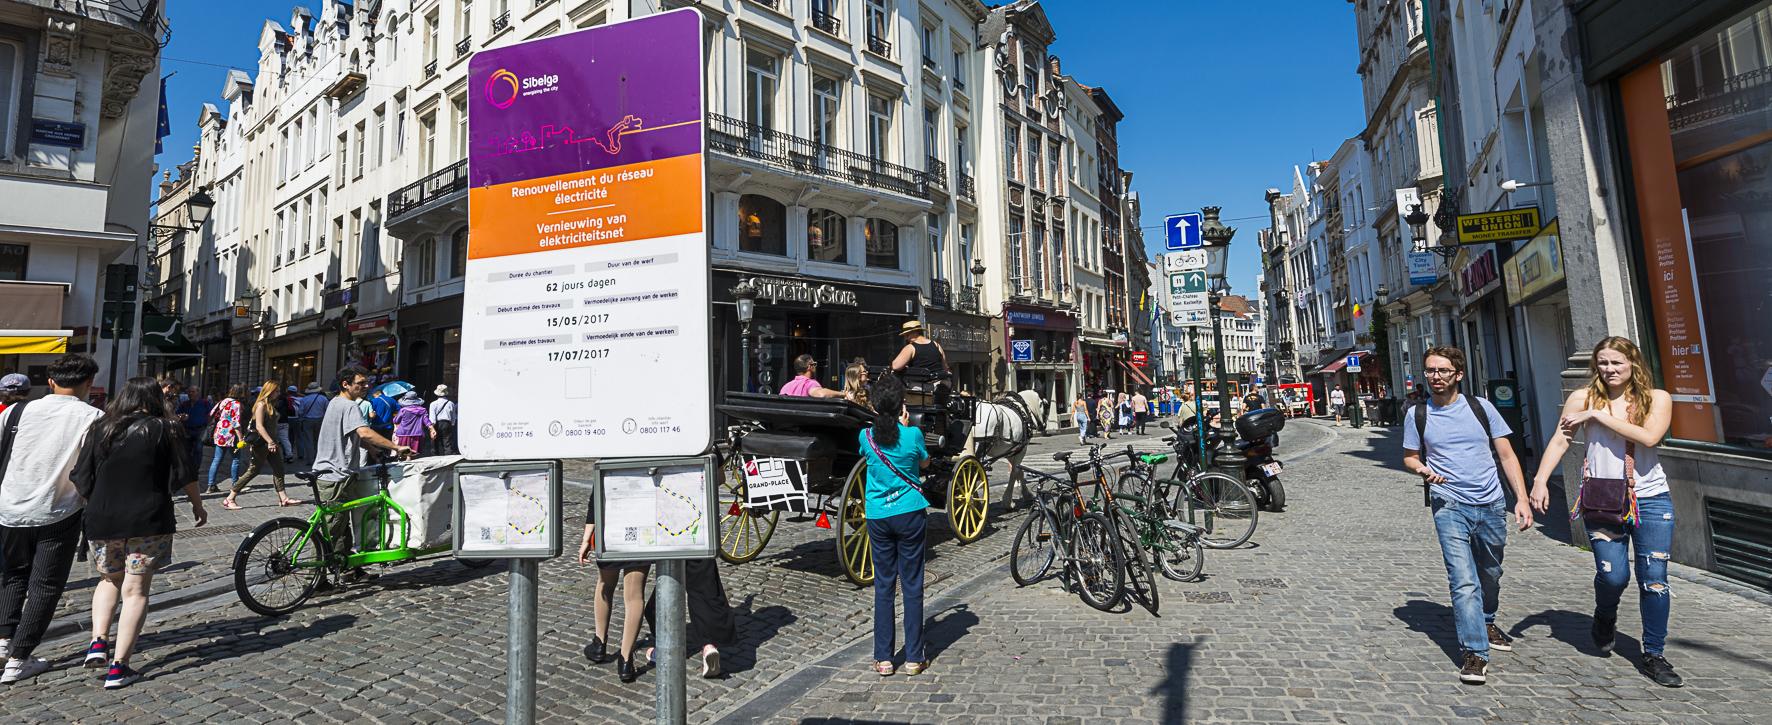 Sibelga Rapport Annuel 2019 Een betere coördinatie van de projecten